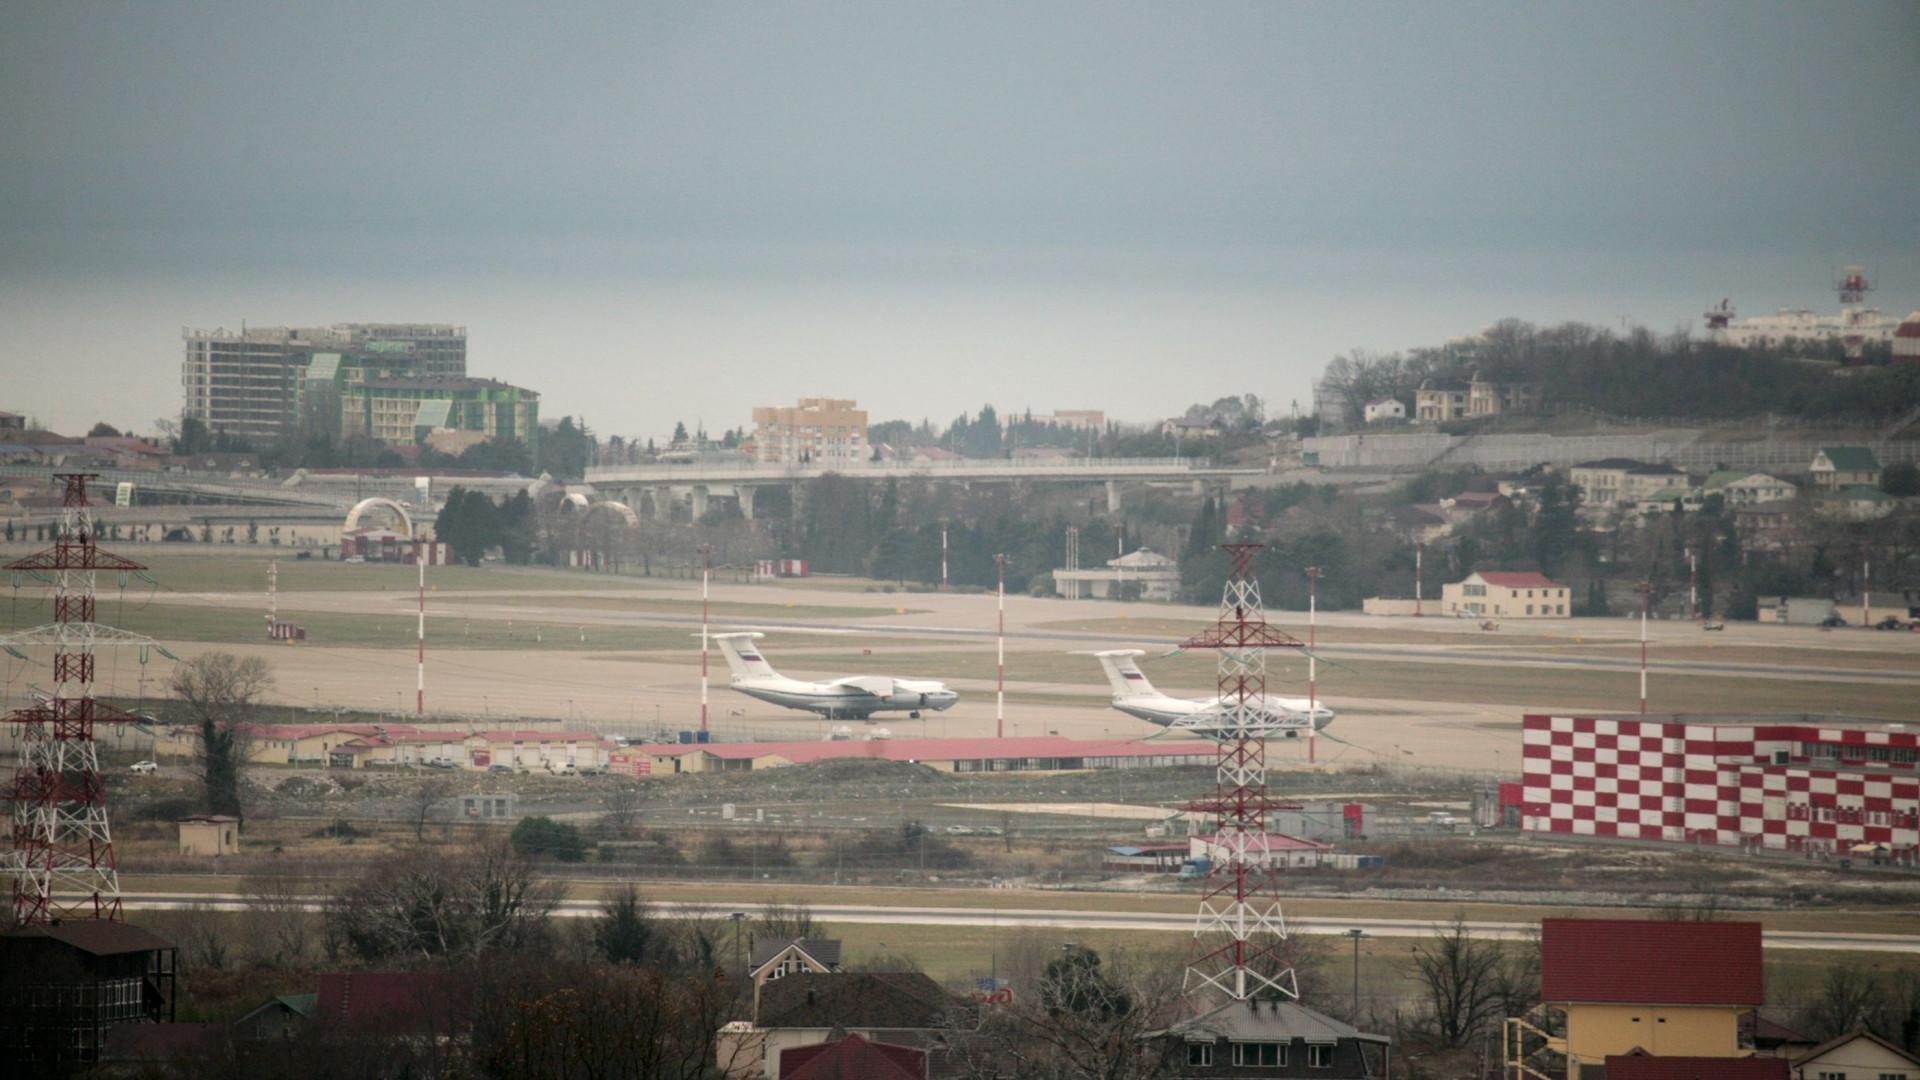 Acidente com avião na Rússia provoca 18 feridos